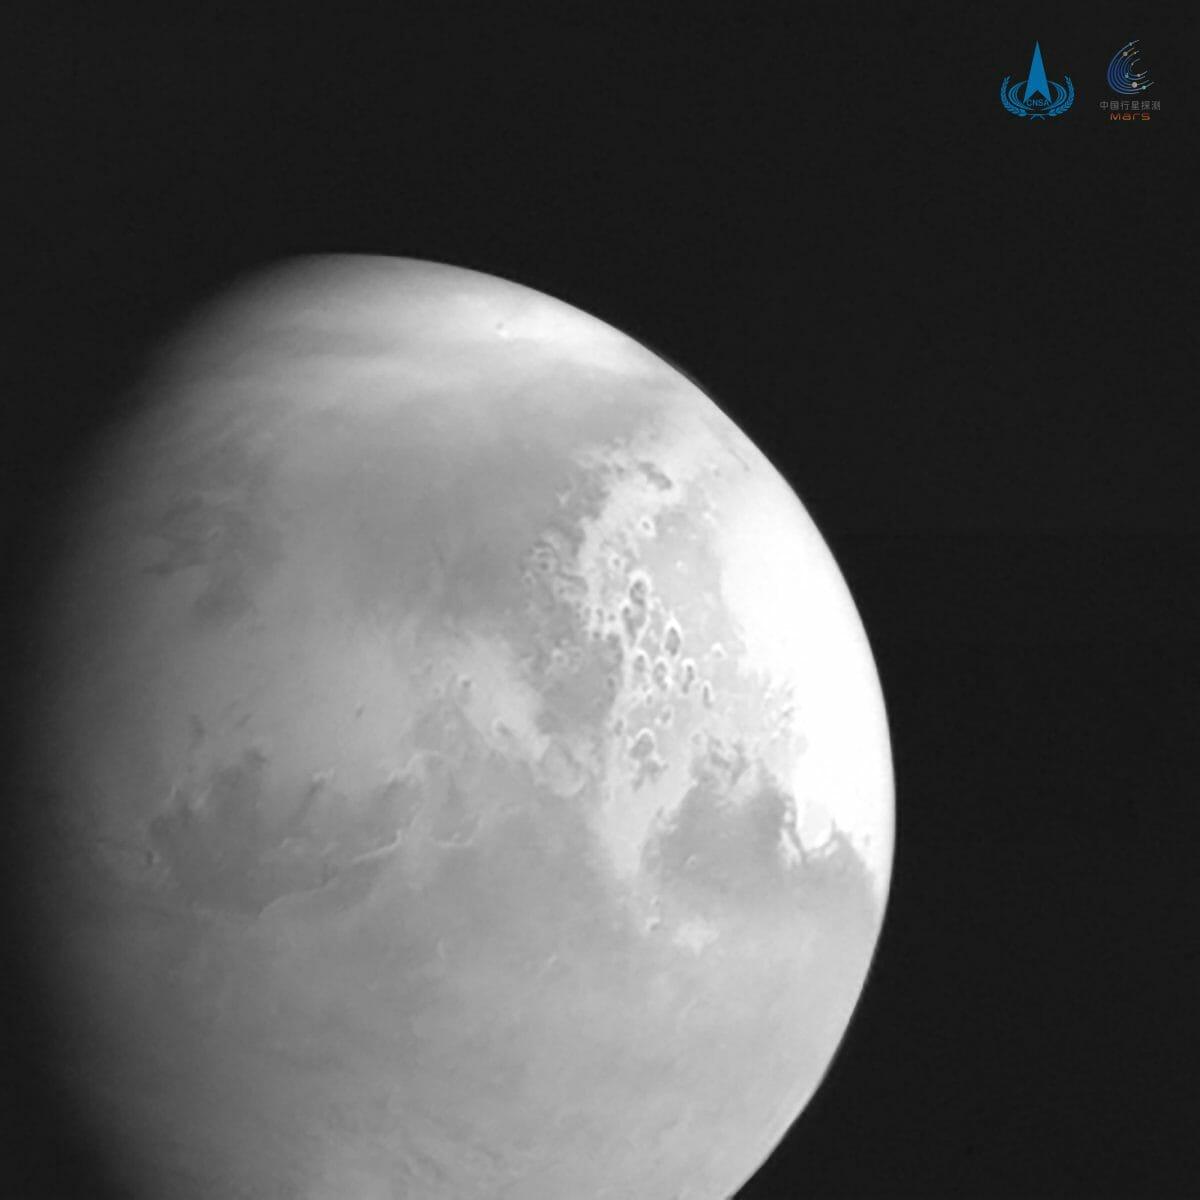 中国の火星探査機「天問1号」が撮影した火星の様子。(Credit: CNSA)